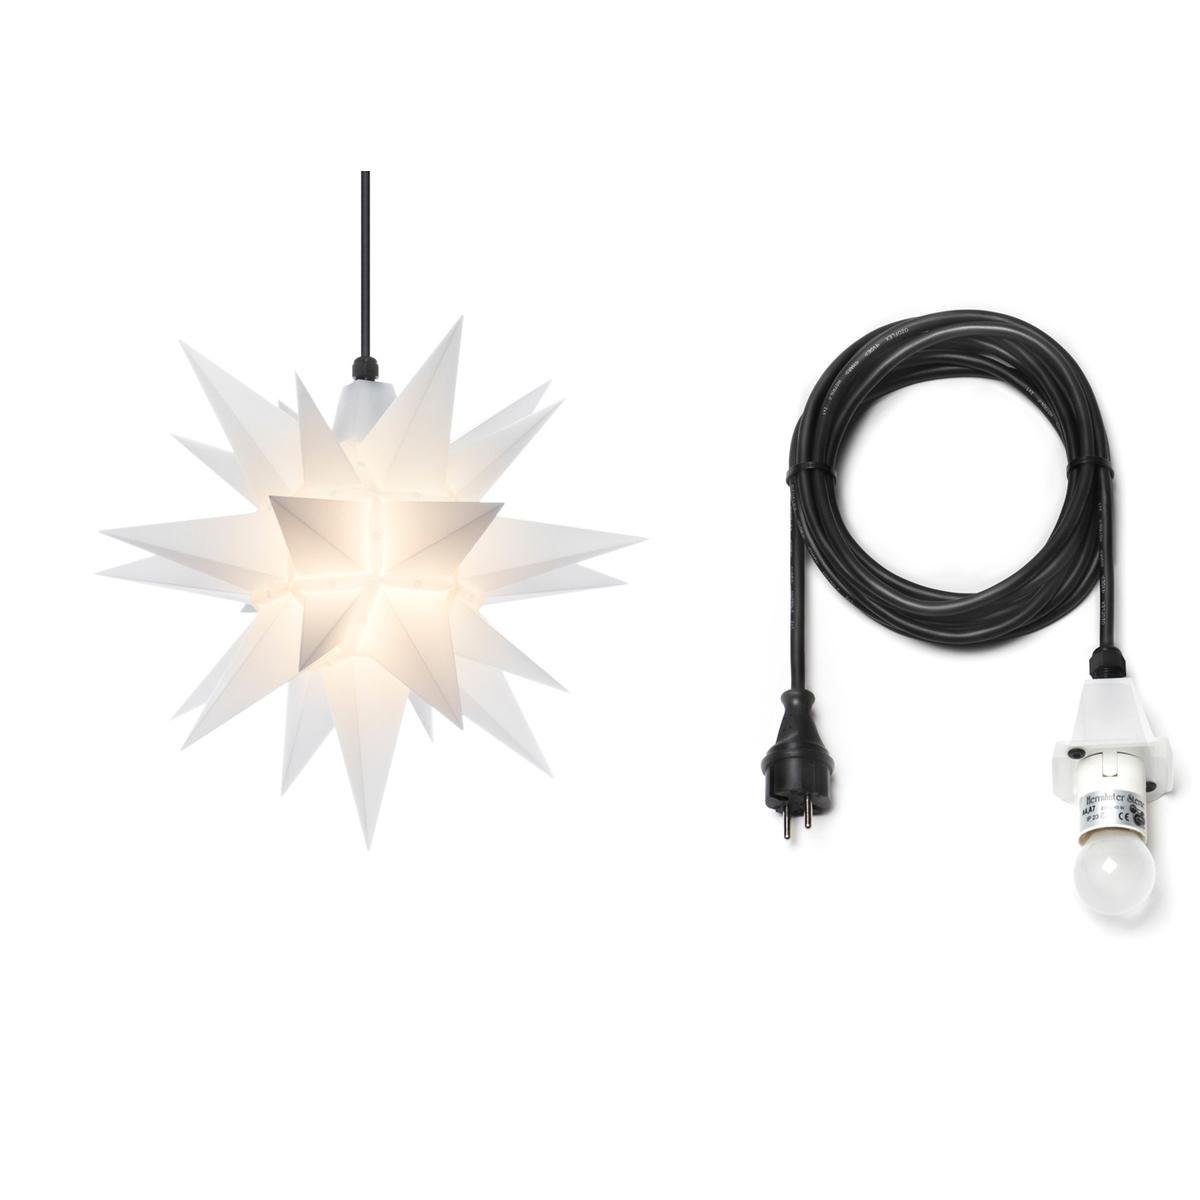 herrnhuter stern plastik a4 40 cm opal mit kabel 5 m von herrnhuter sterne f r 60 5 kaufen. Black Bedroom Furniture Sets. Home Design Ideas